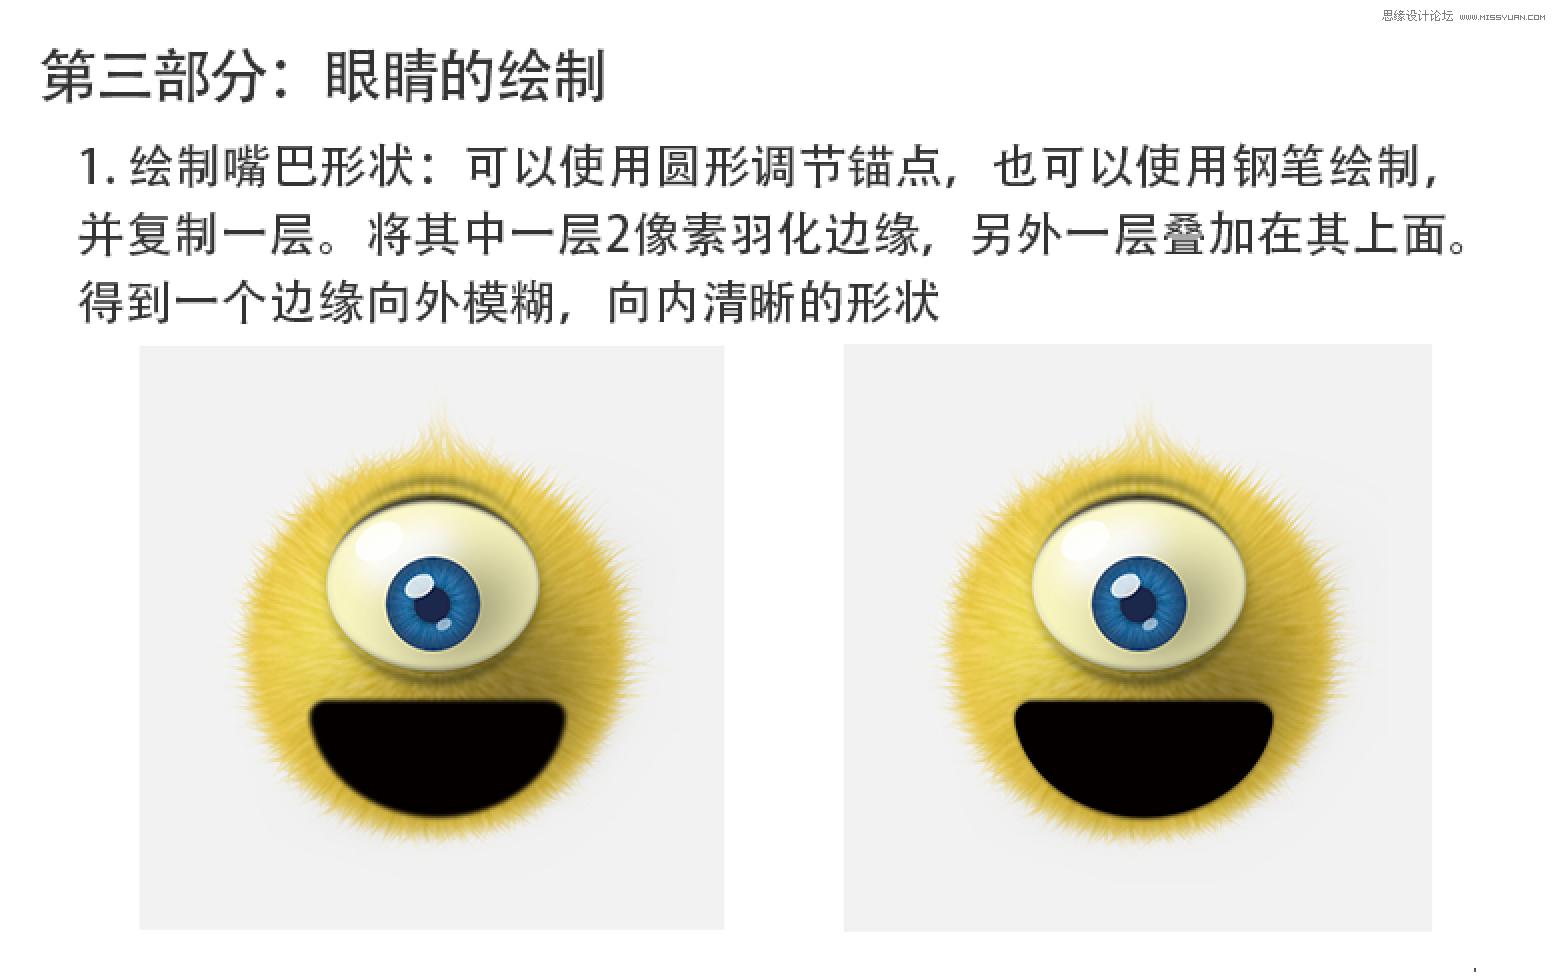 photoshop绘制毛茸茸的教程小质感鞋盒,ps论文,怪兽中国网图标包装设计素材图片